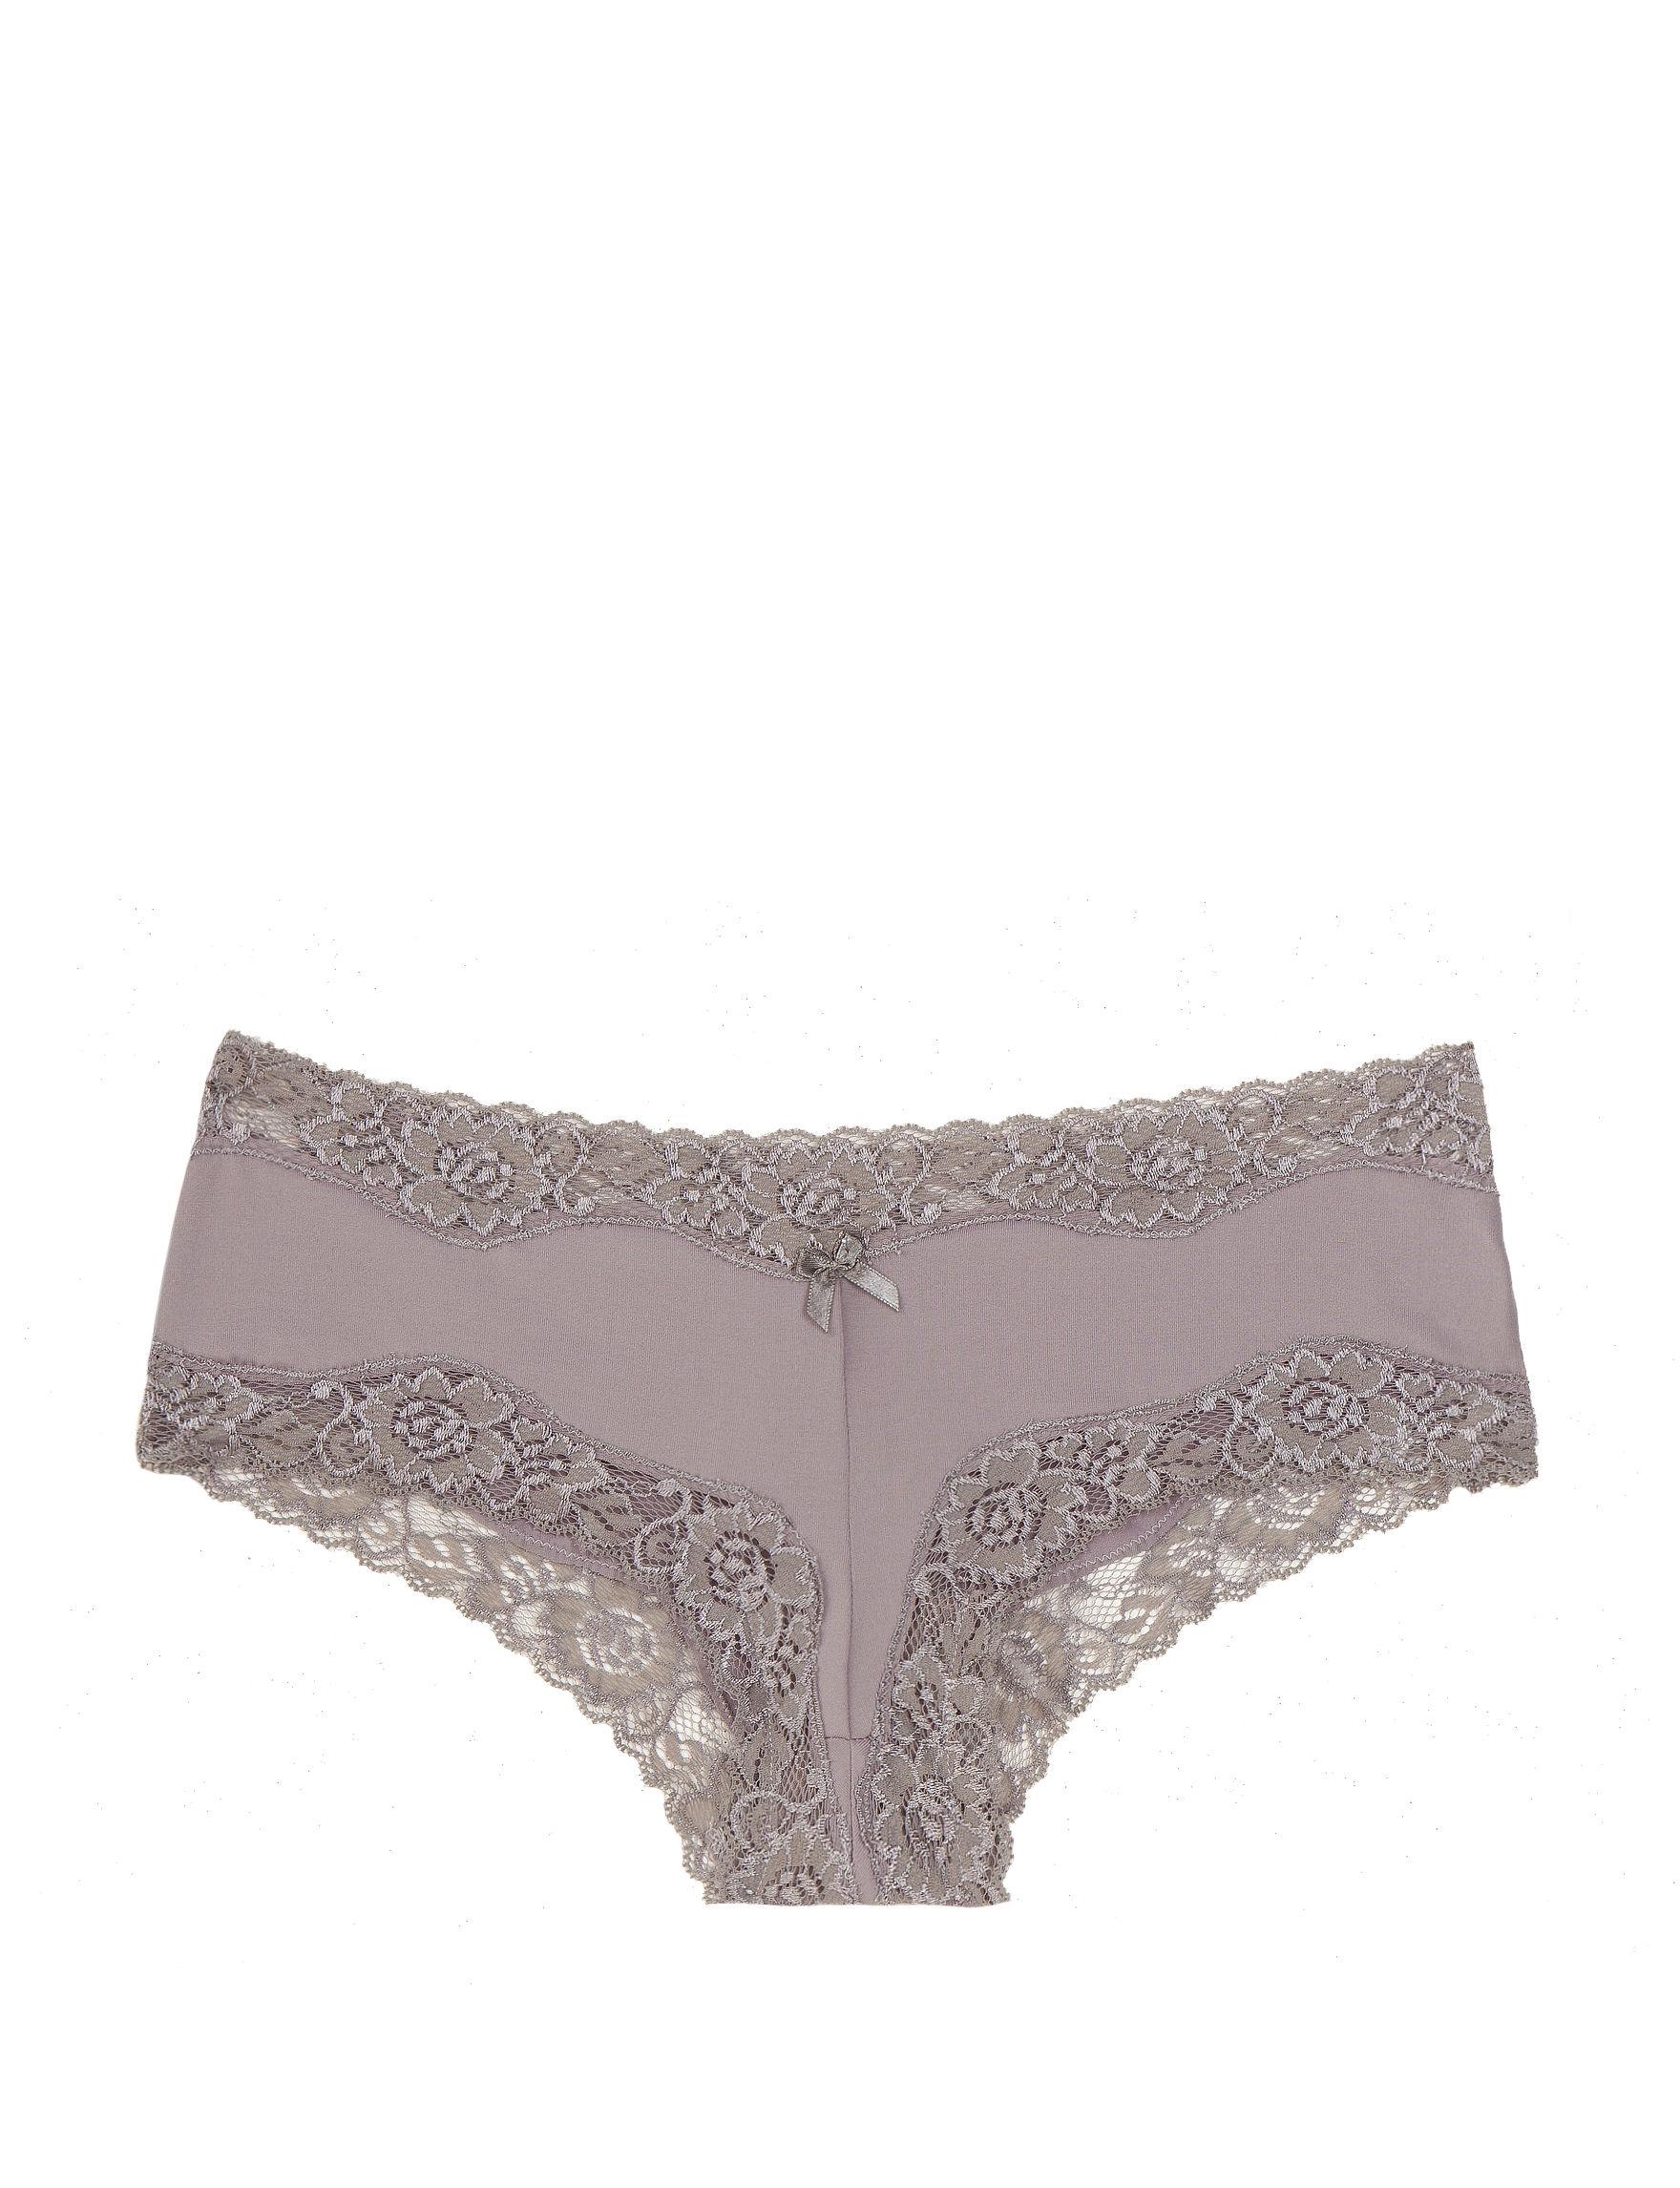 Rene Rofe Grey Panties Hipster